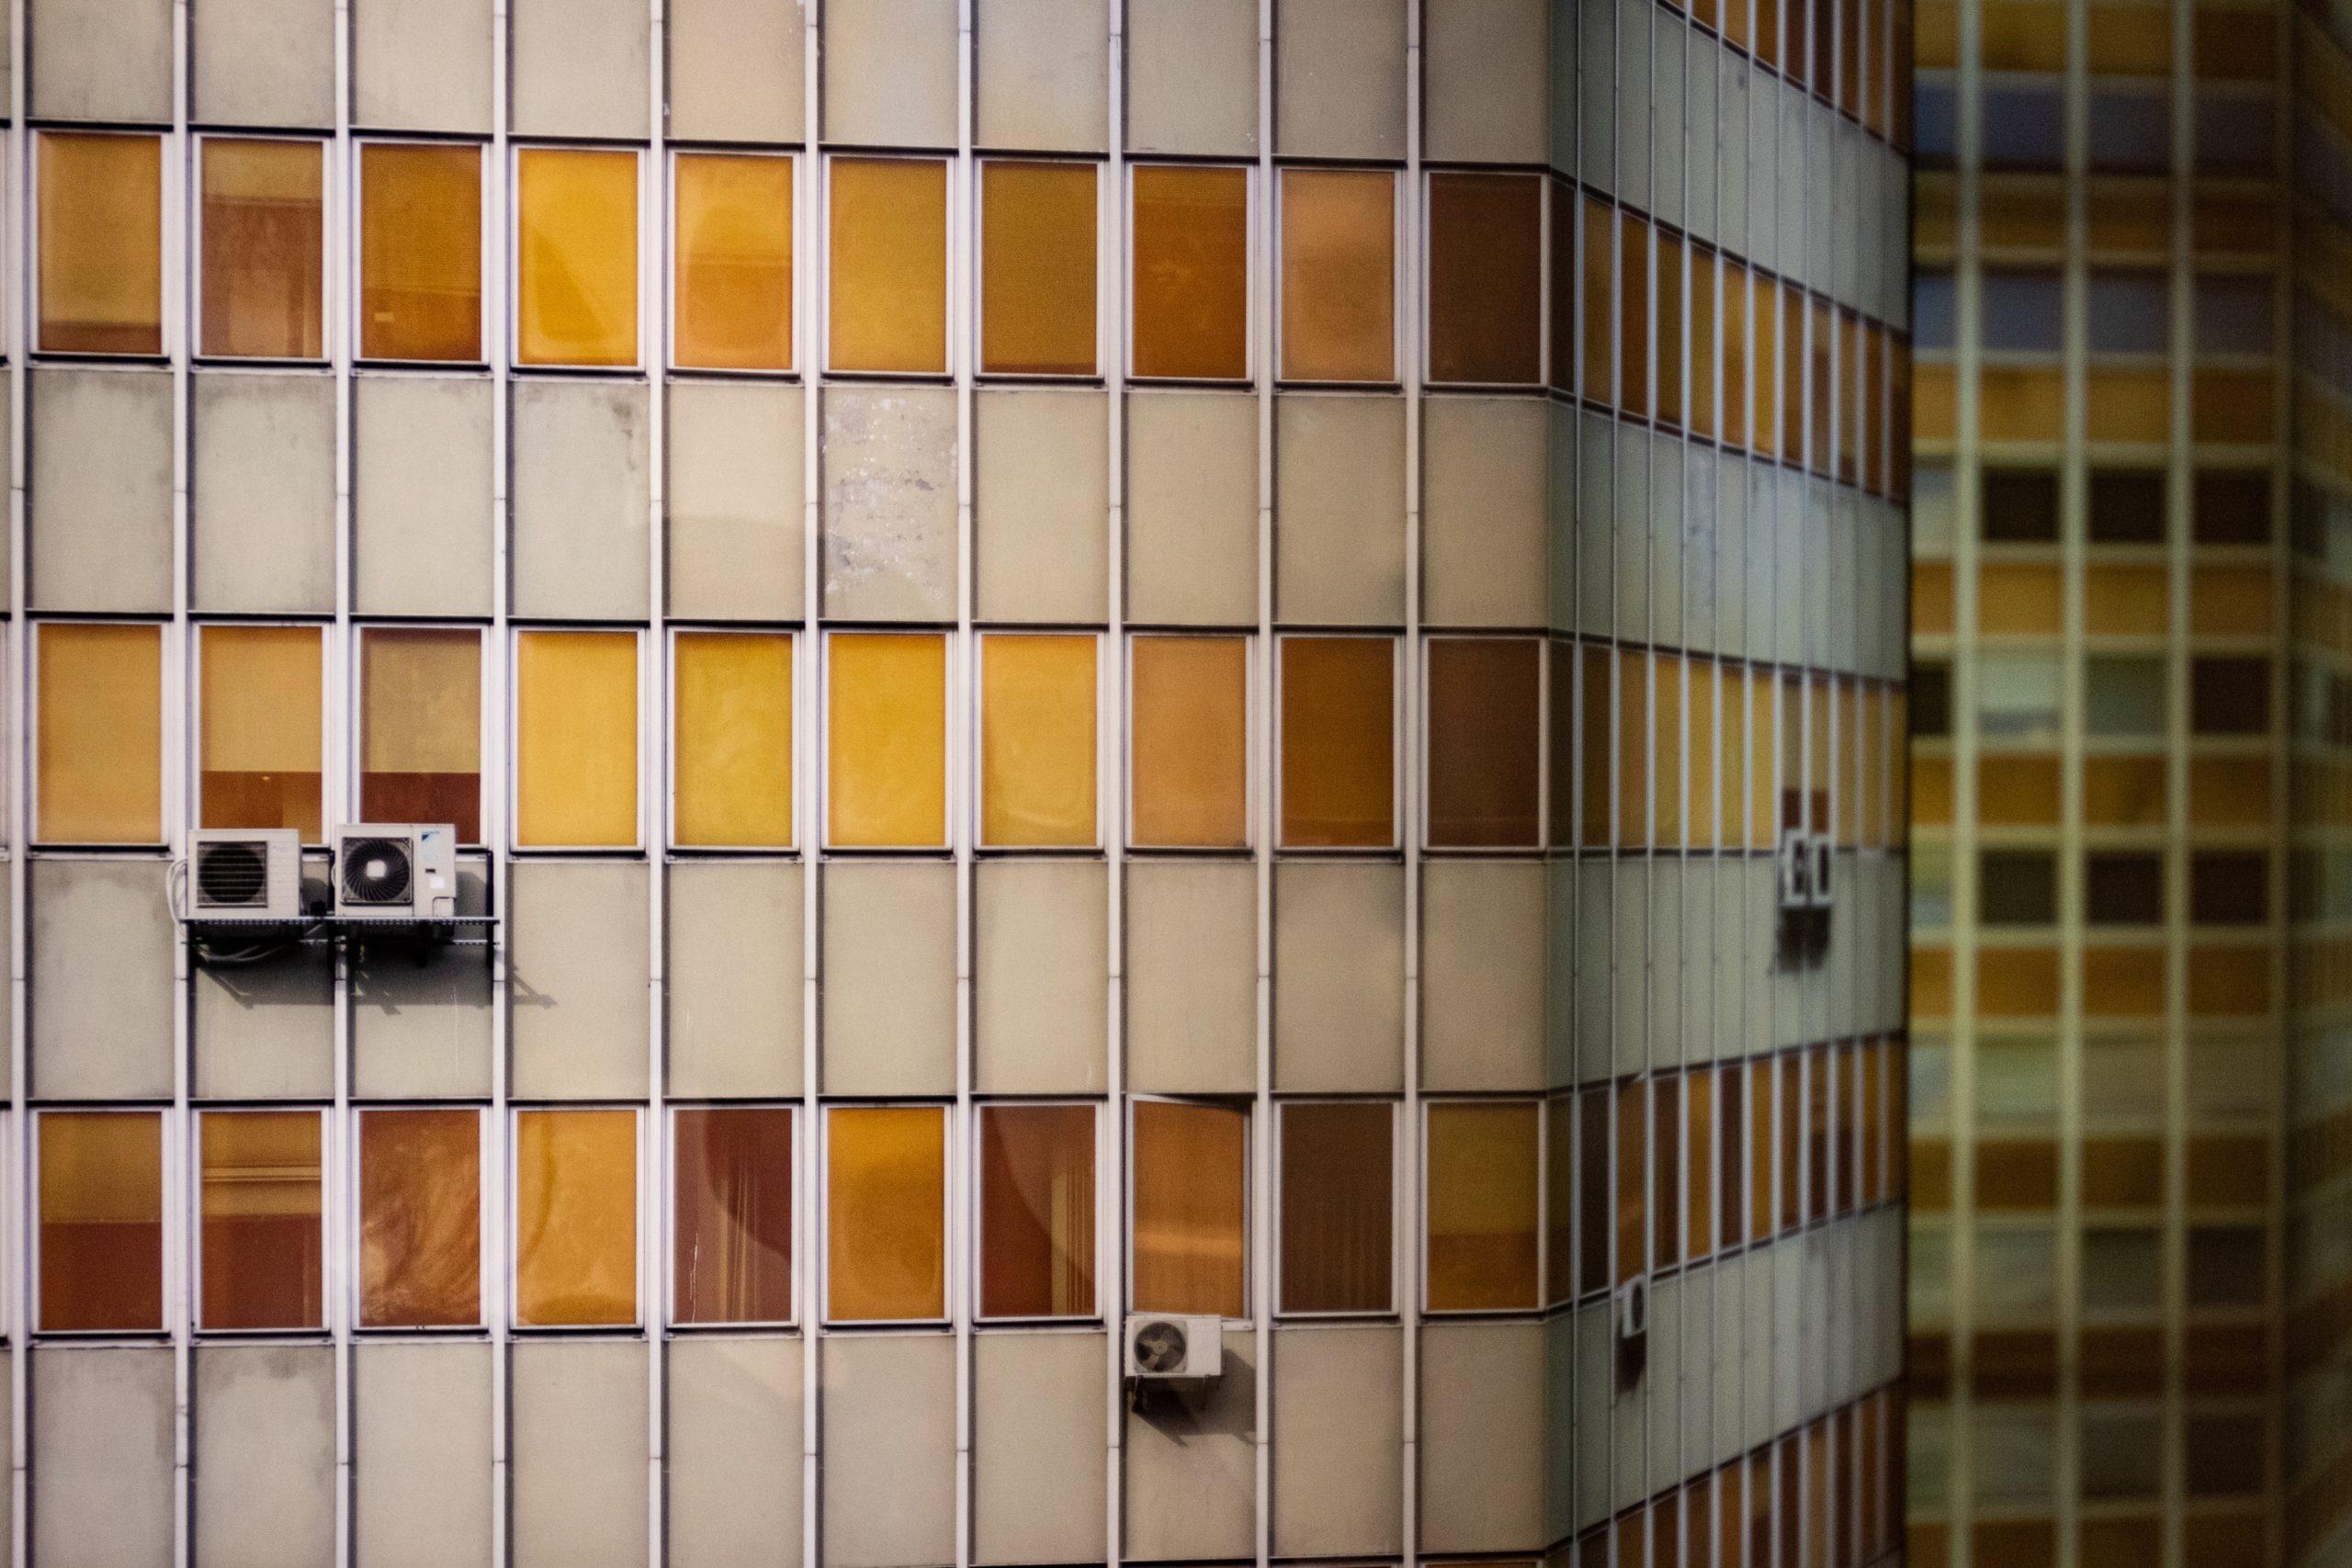 Instalacja klimatyzacji w bloku – na co zwrócić uwagę?